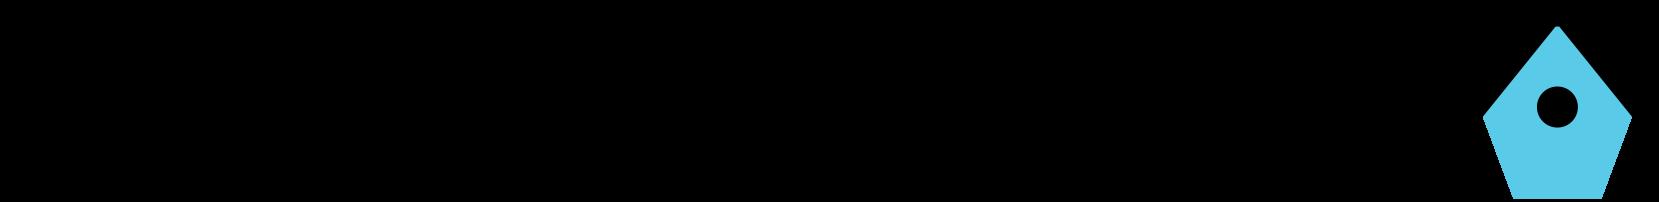 Bildresultat för wallstenshus piteå